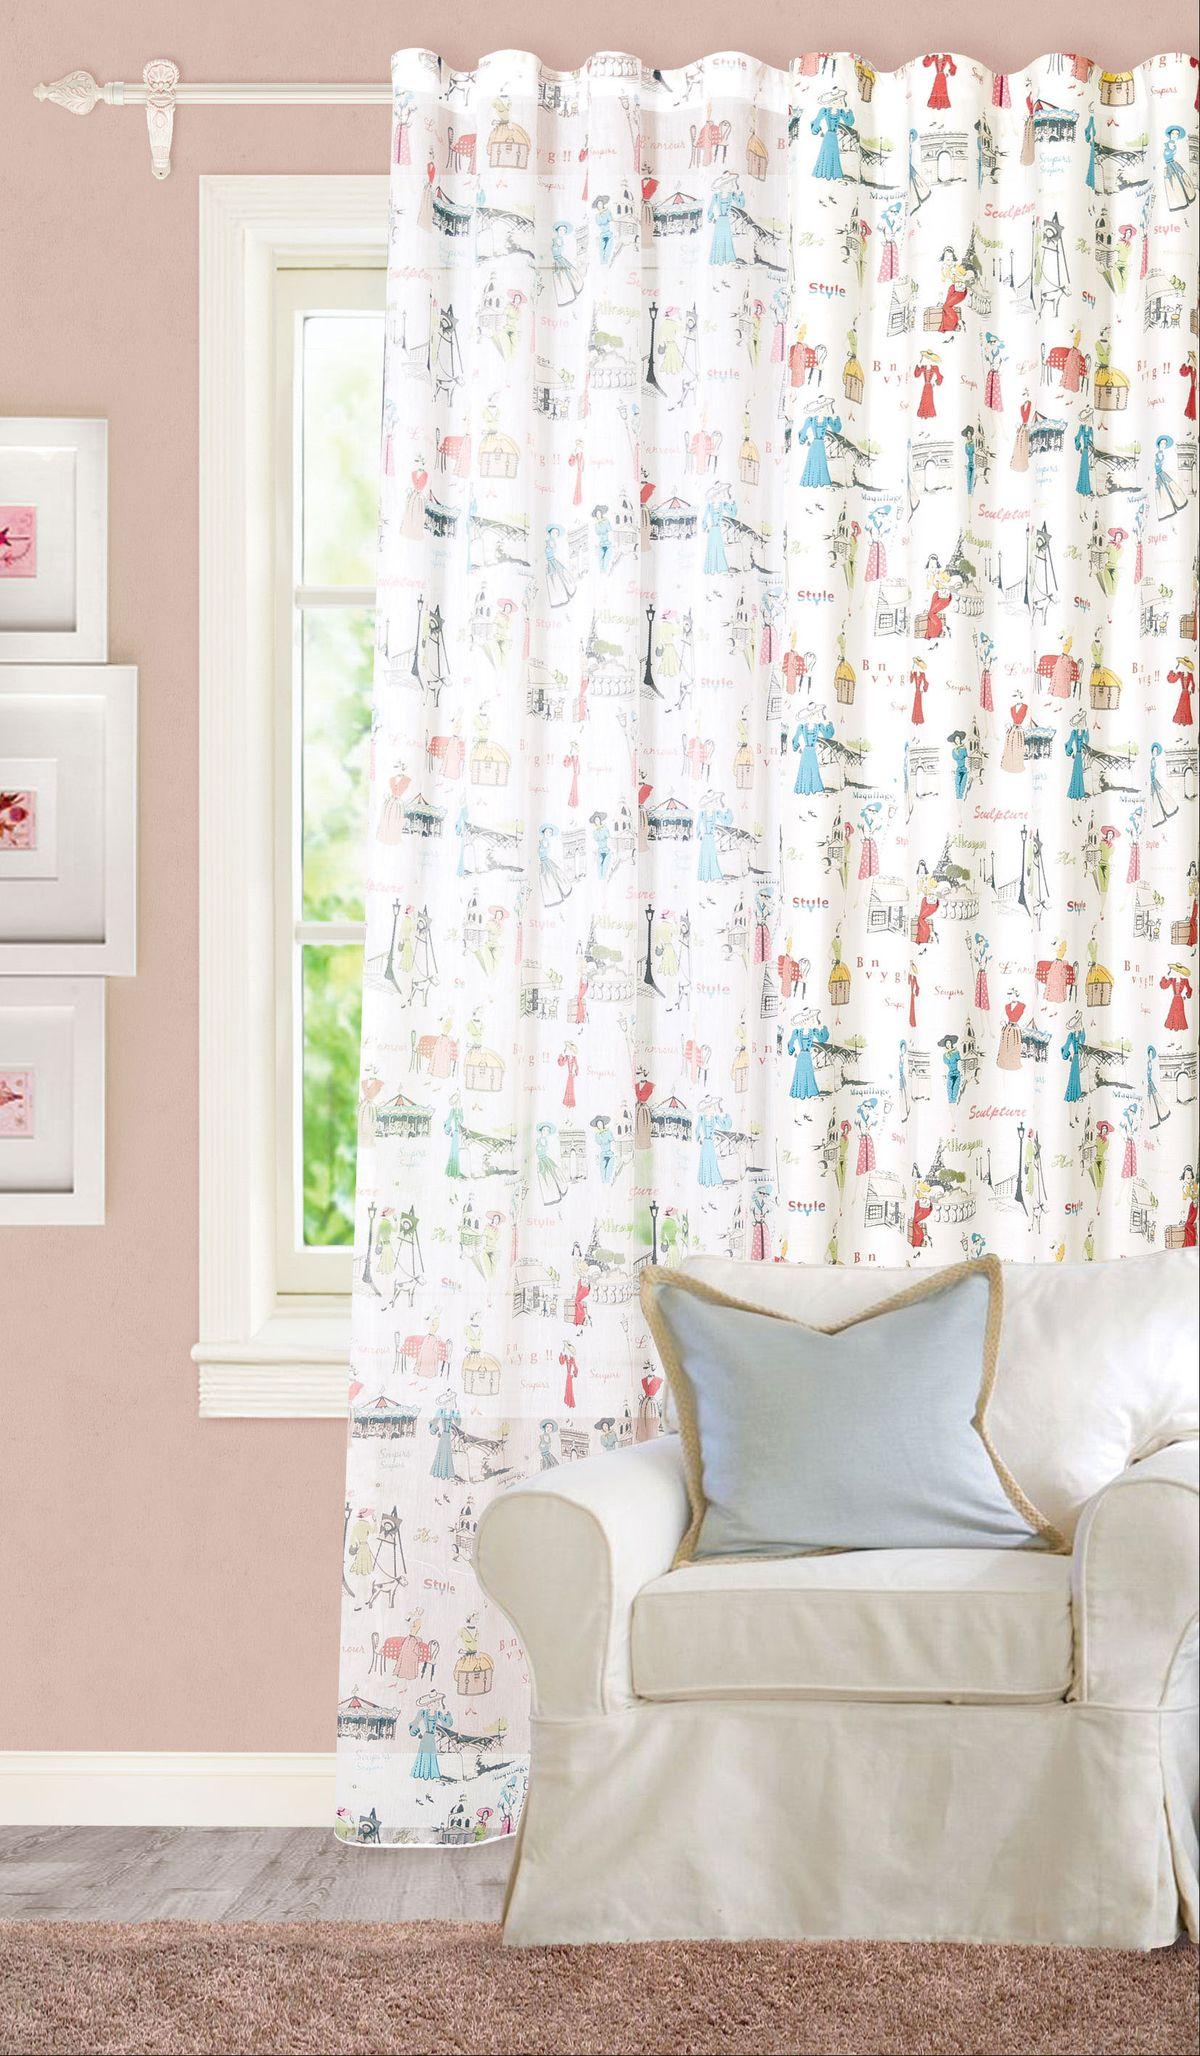 Штора Garden, на ленте, портьерная, цвет: белый, 200х260 см. С 8189 - W1687 V12_белыйС 8189 - W1687 V12_белыйИзящная штора Garden выполнена из плотной ткани. Приятная текстура и цвет привлекут к себе внимание и органично впишутся в интерьер помещения. Штора крепится на карниз при помощи ленты, которая поможет красиво и равномерно задрапировать верх.